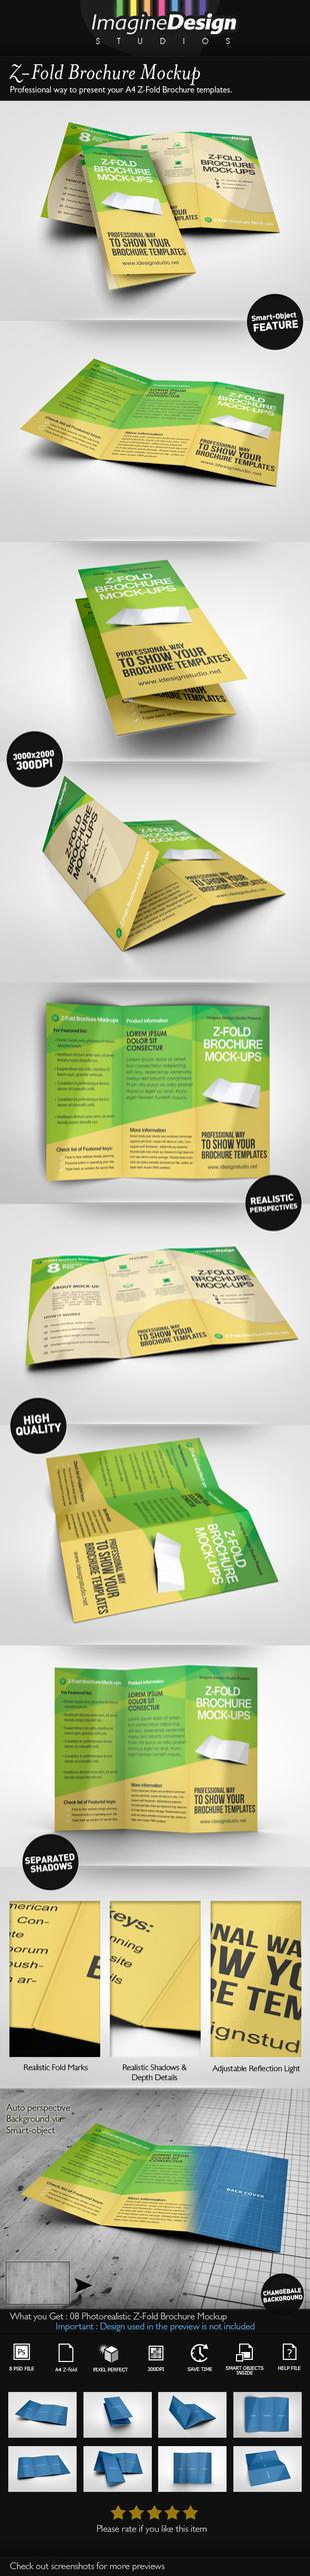 Z-Fold Brochure Mockup by idesignstudio